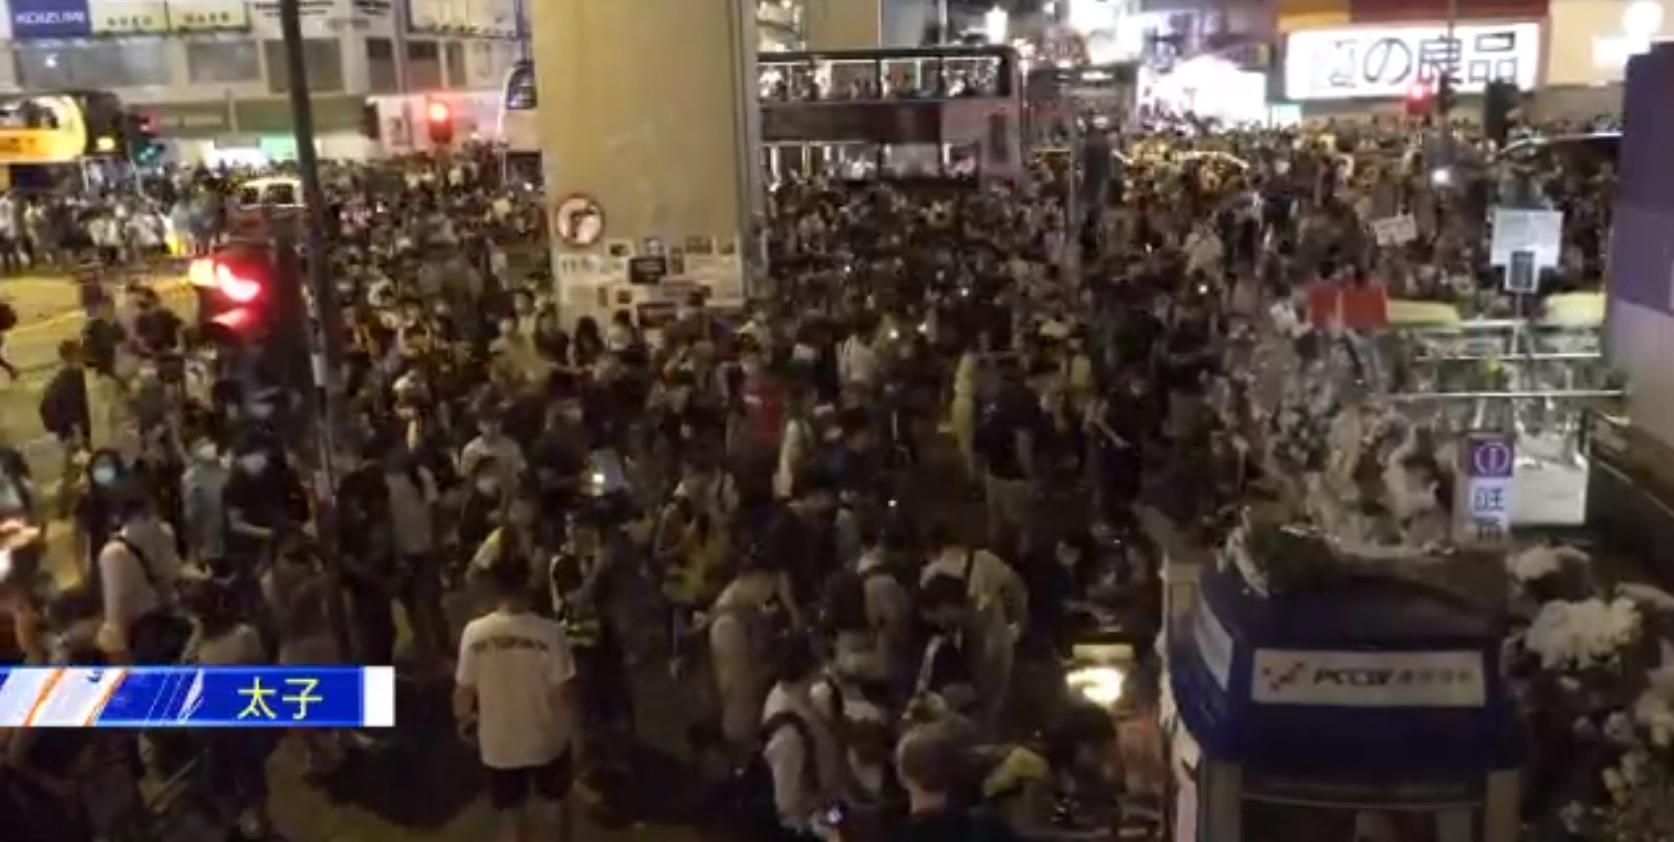 大批示威者走出彌敦道行車線 。NOW新聞截圖